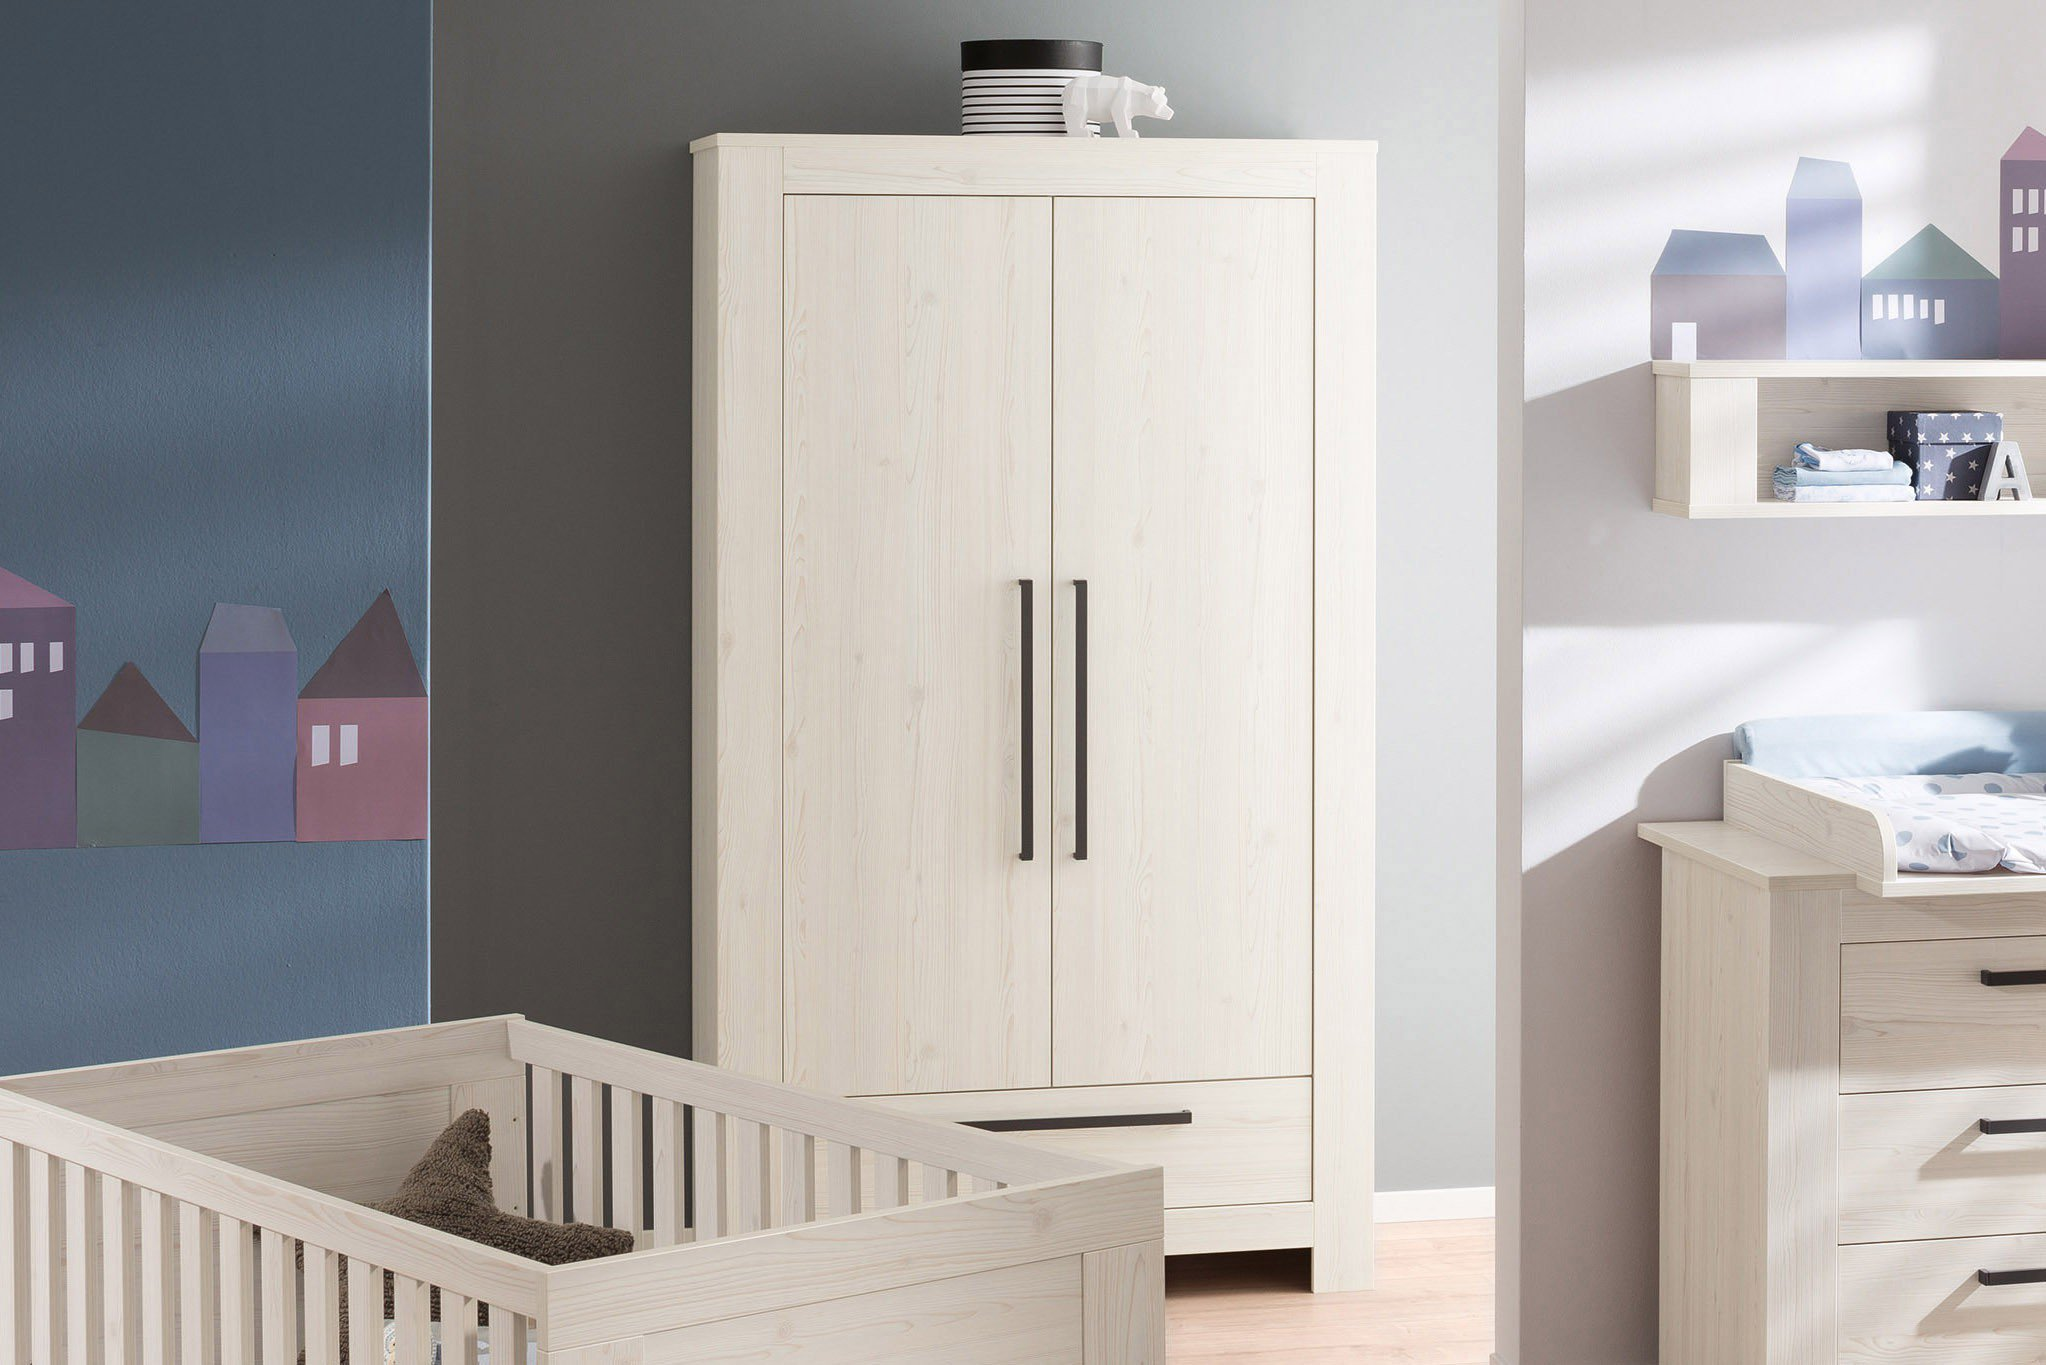 kleiderschr nke baby schlafzimmer kommode dekorieren. Black Bedroom Furniture Sets. Home Design Ideas